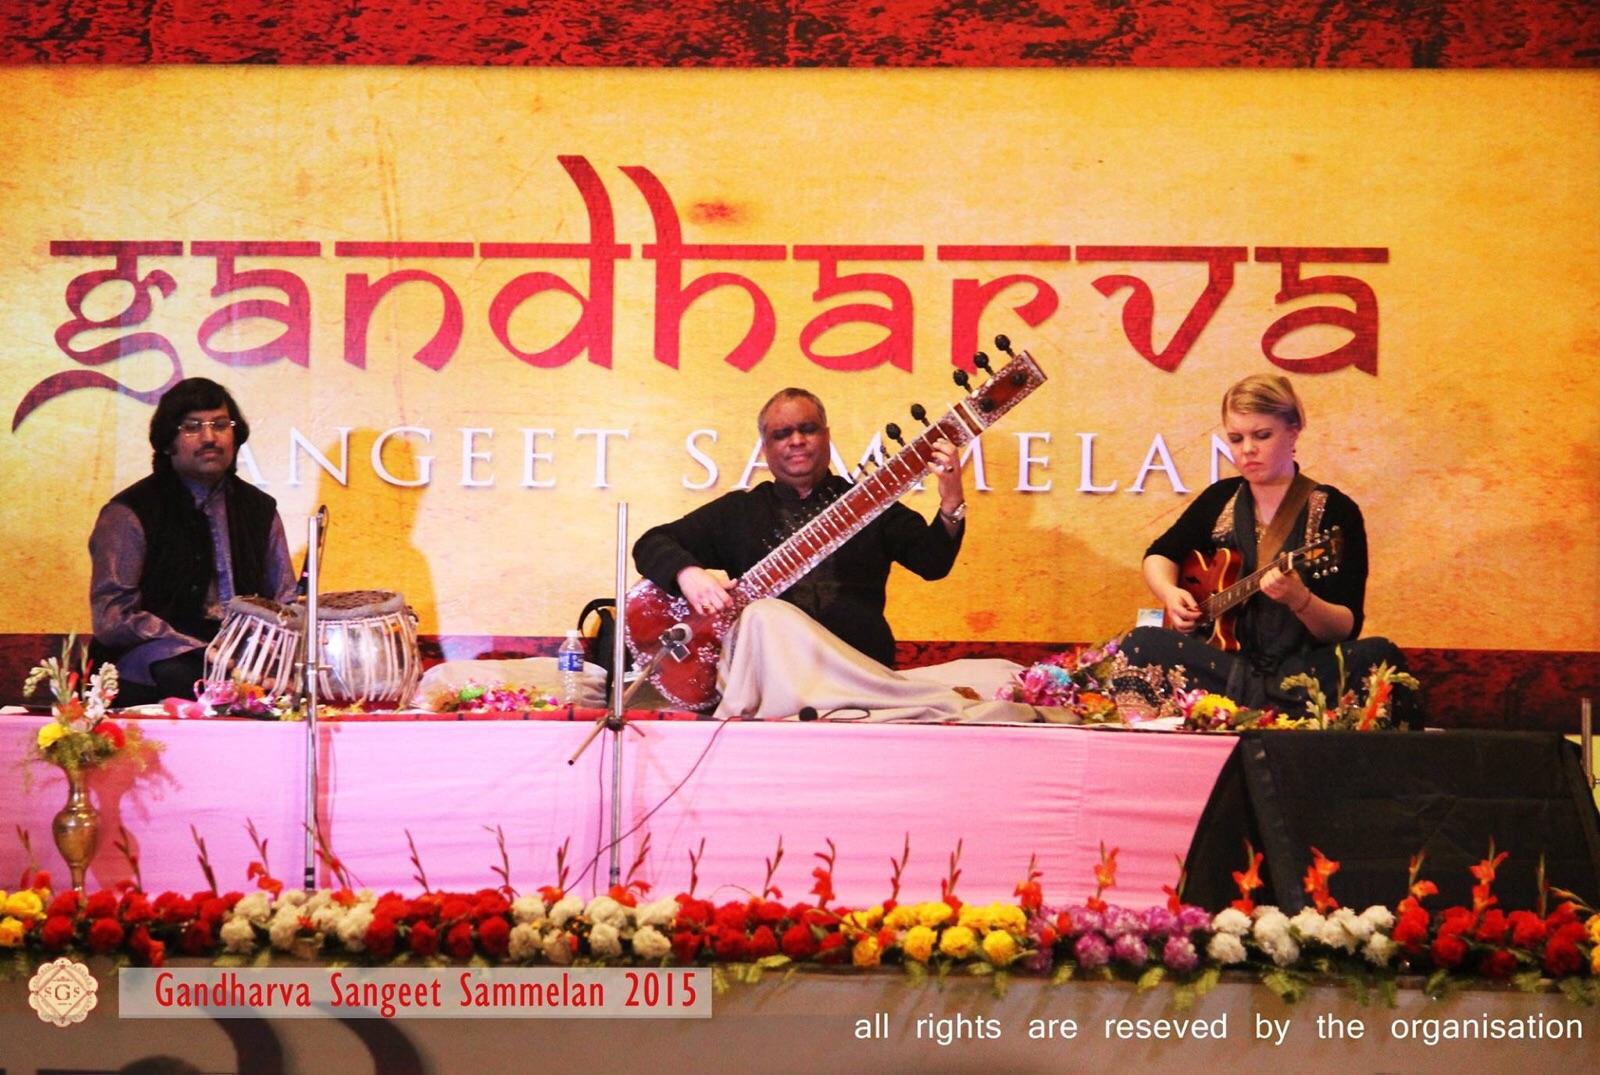 Concert at Gandharva Sangeet Gammelan 27.12.15. Amit Chatterjee on tablas.